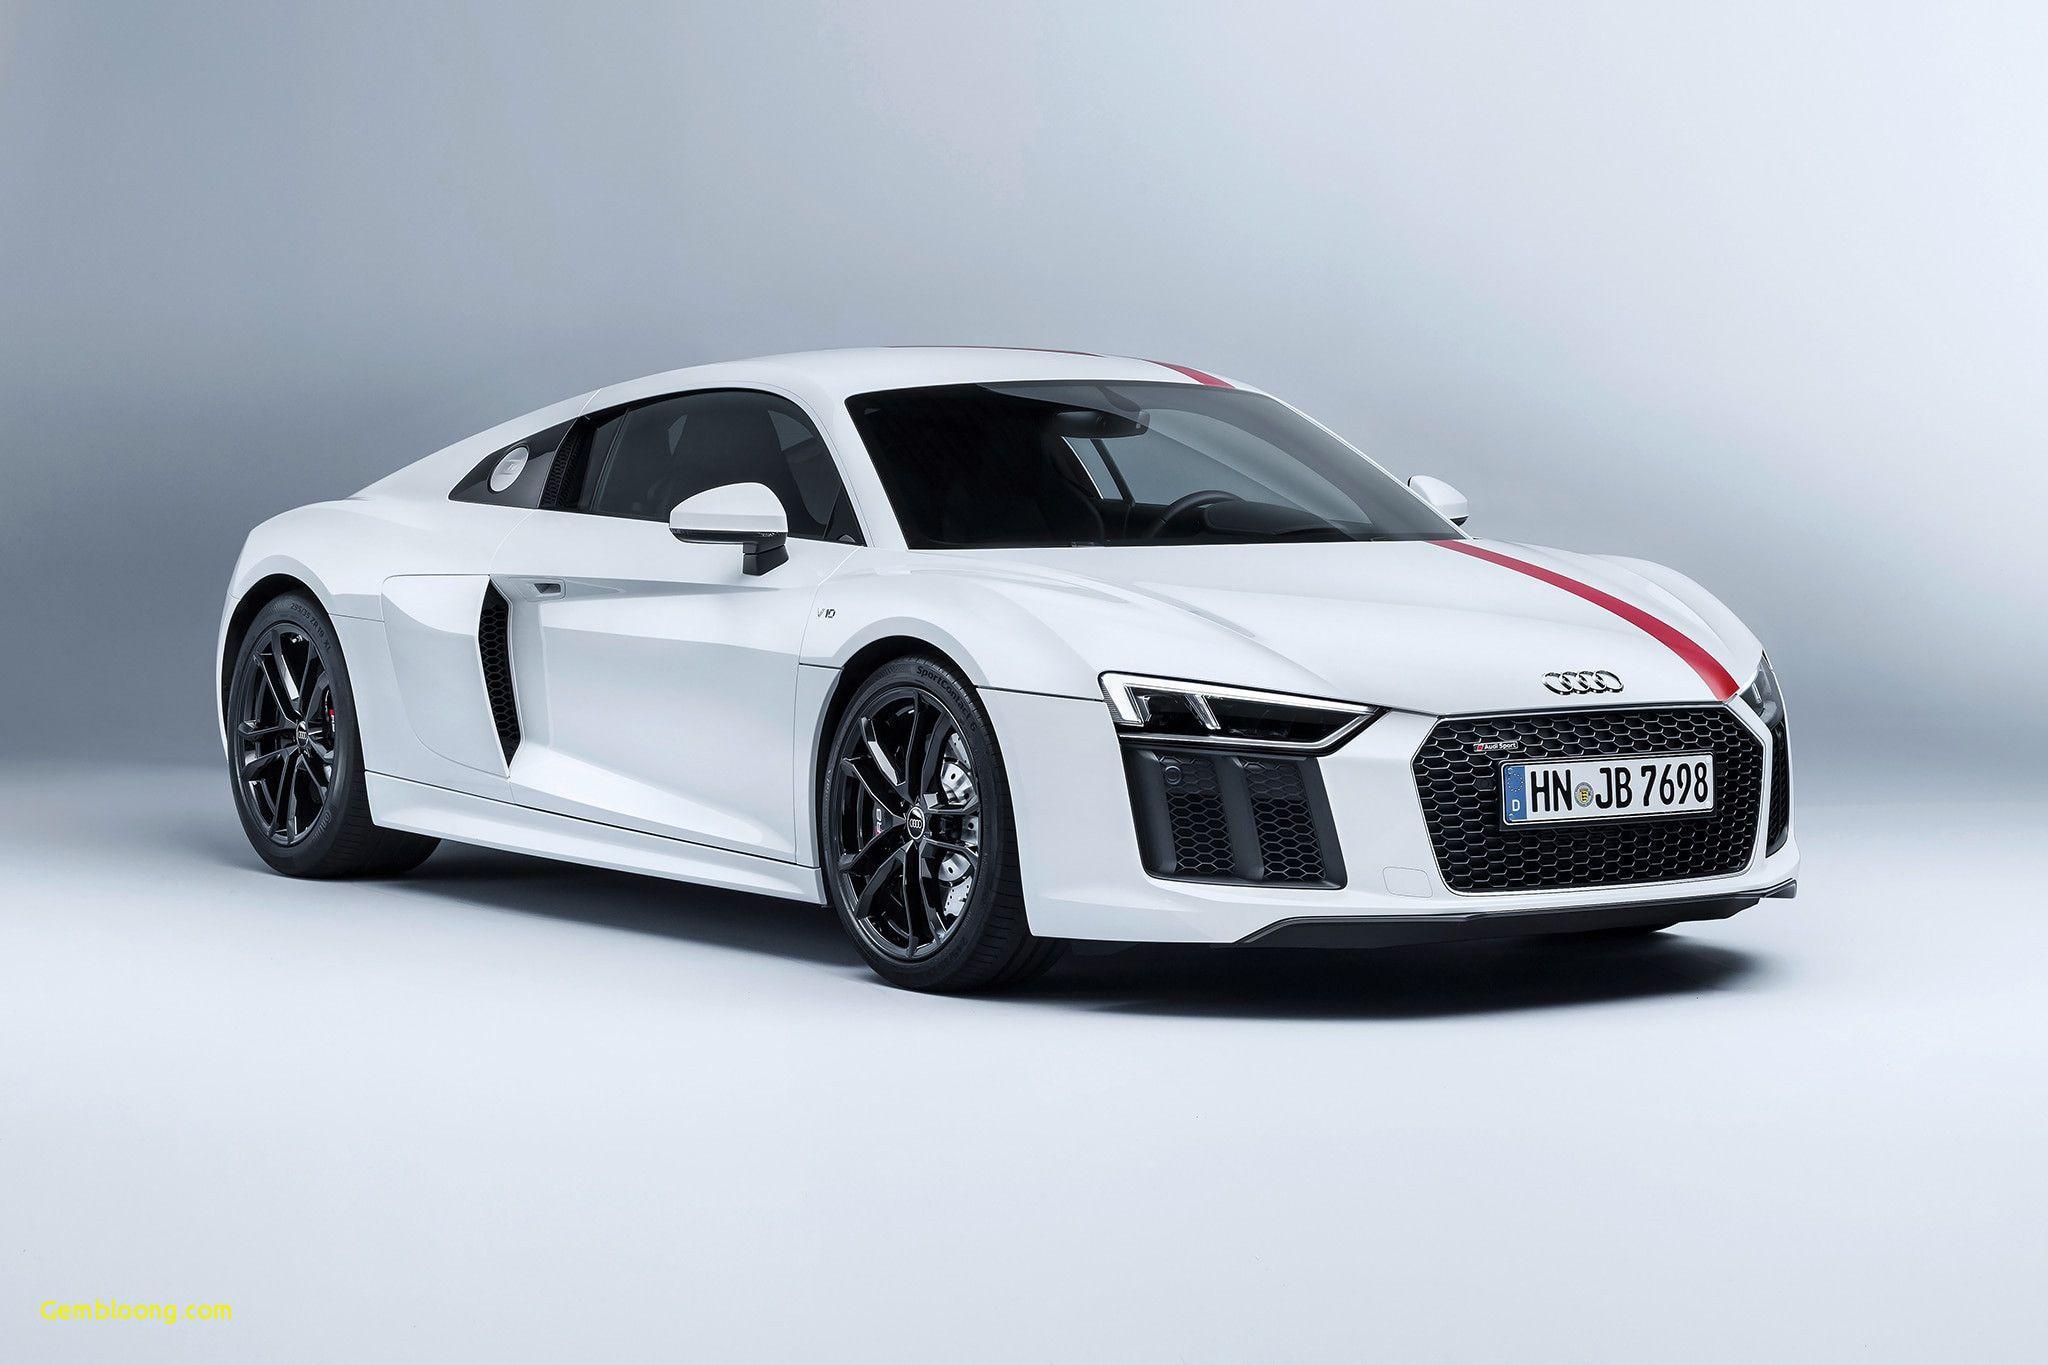 Kelebihan Kekurangan Audi Rt Review